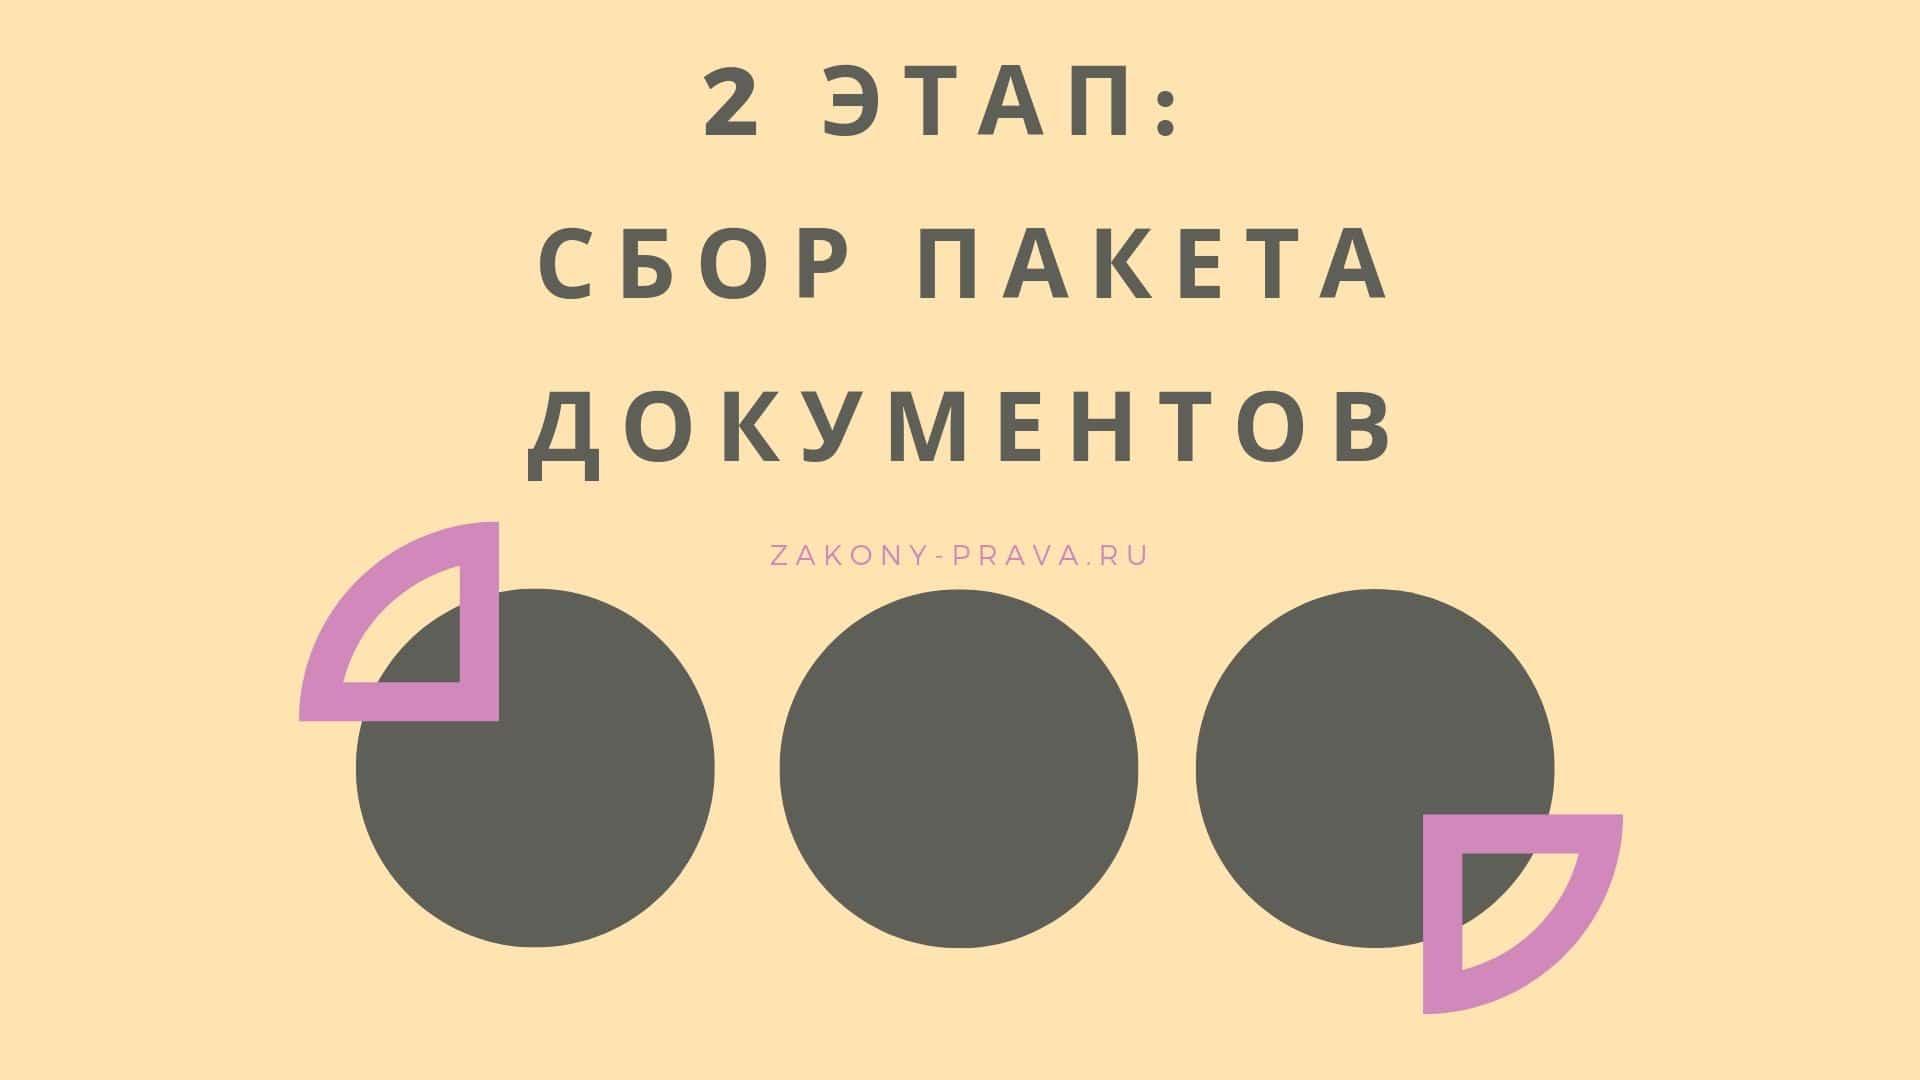 2 этап - сбор пакета документов